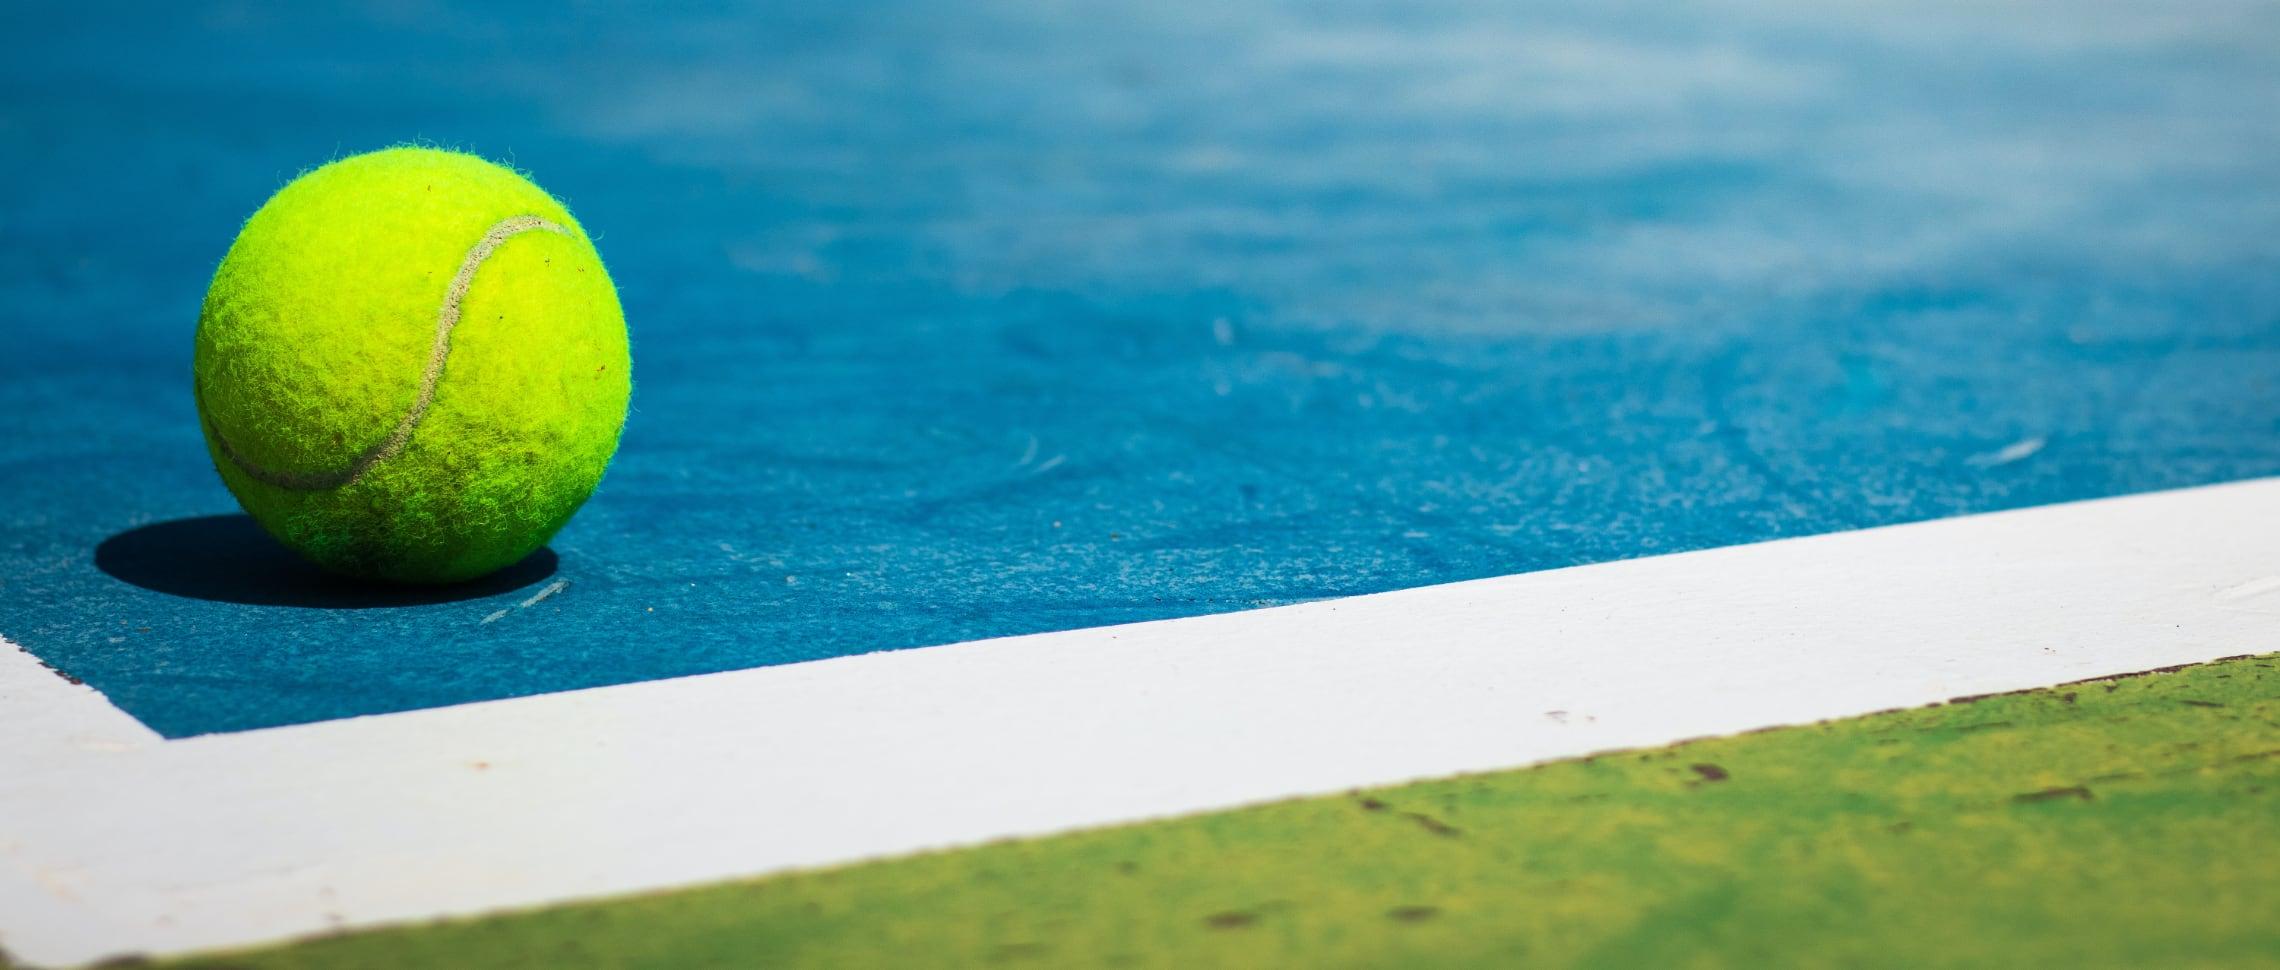 sportgolv-tennisbana-linemålning